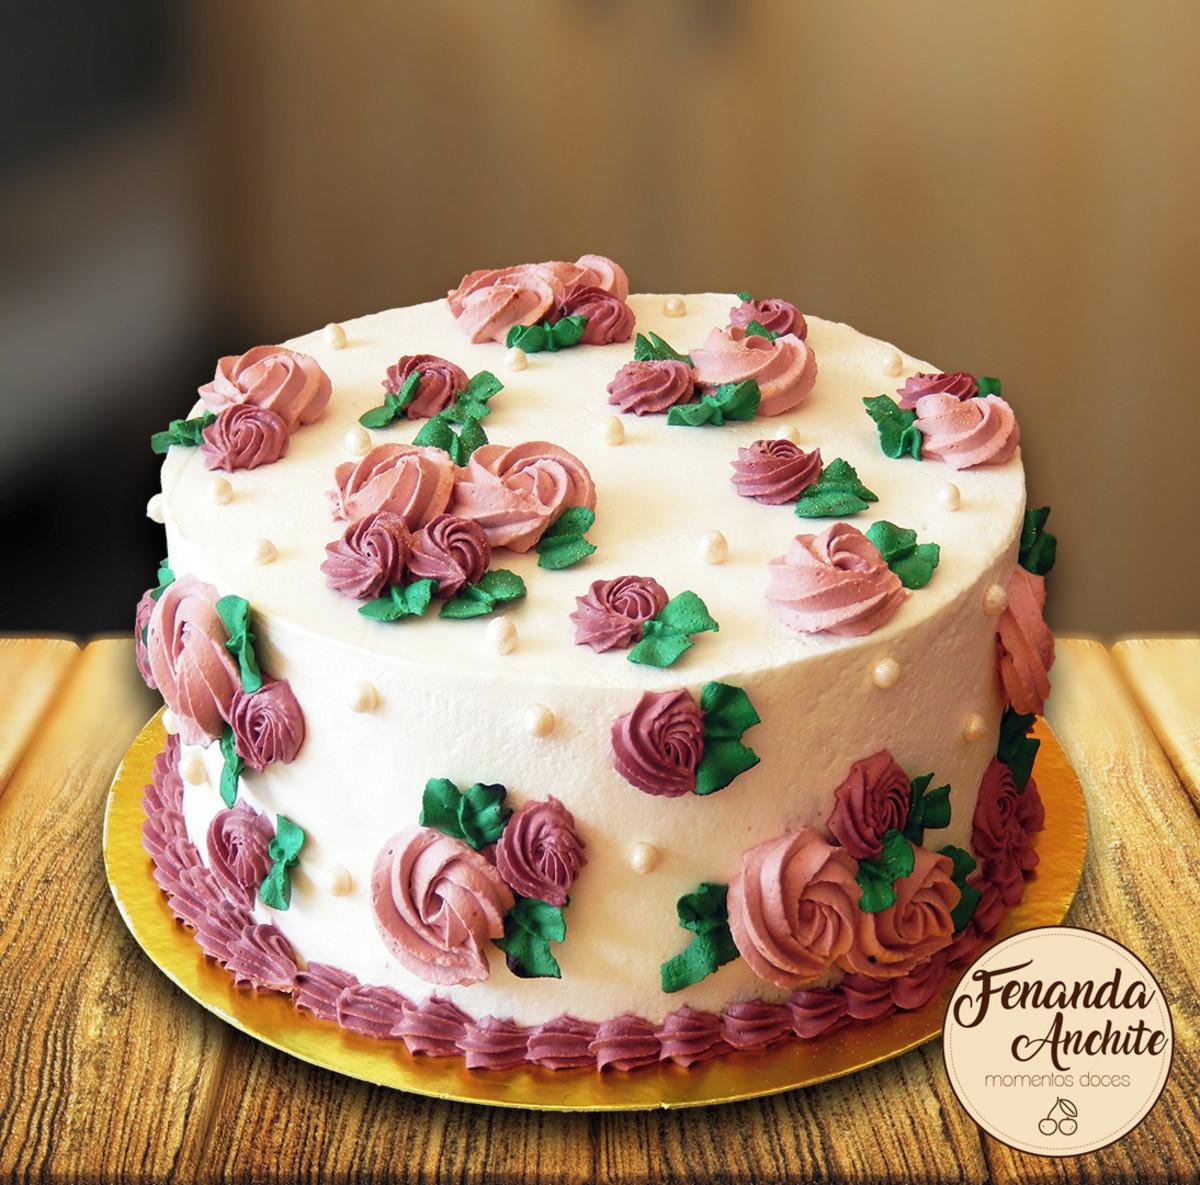 Torta Decorada Pequena (10 fatias) no Elo7 | Fernanda Anchite ...